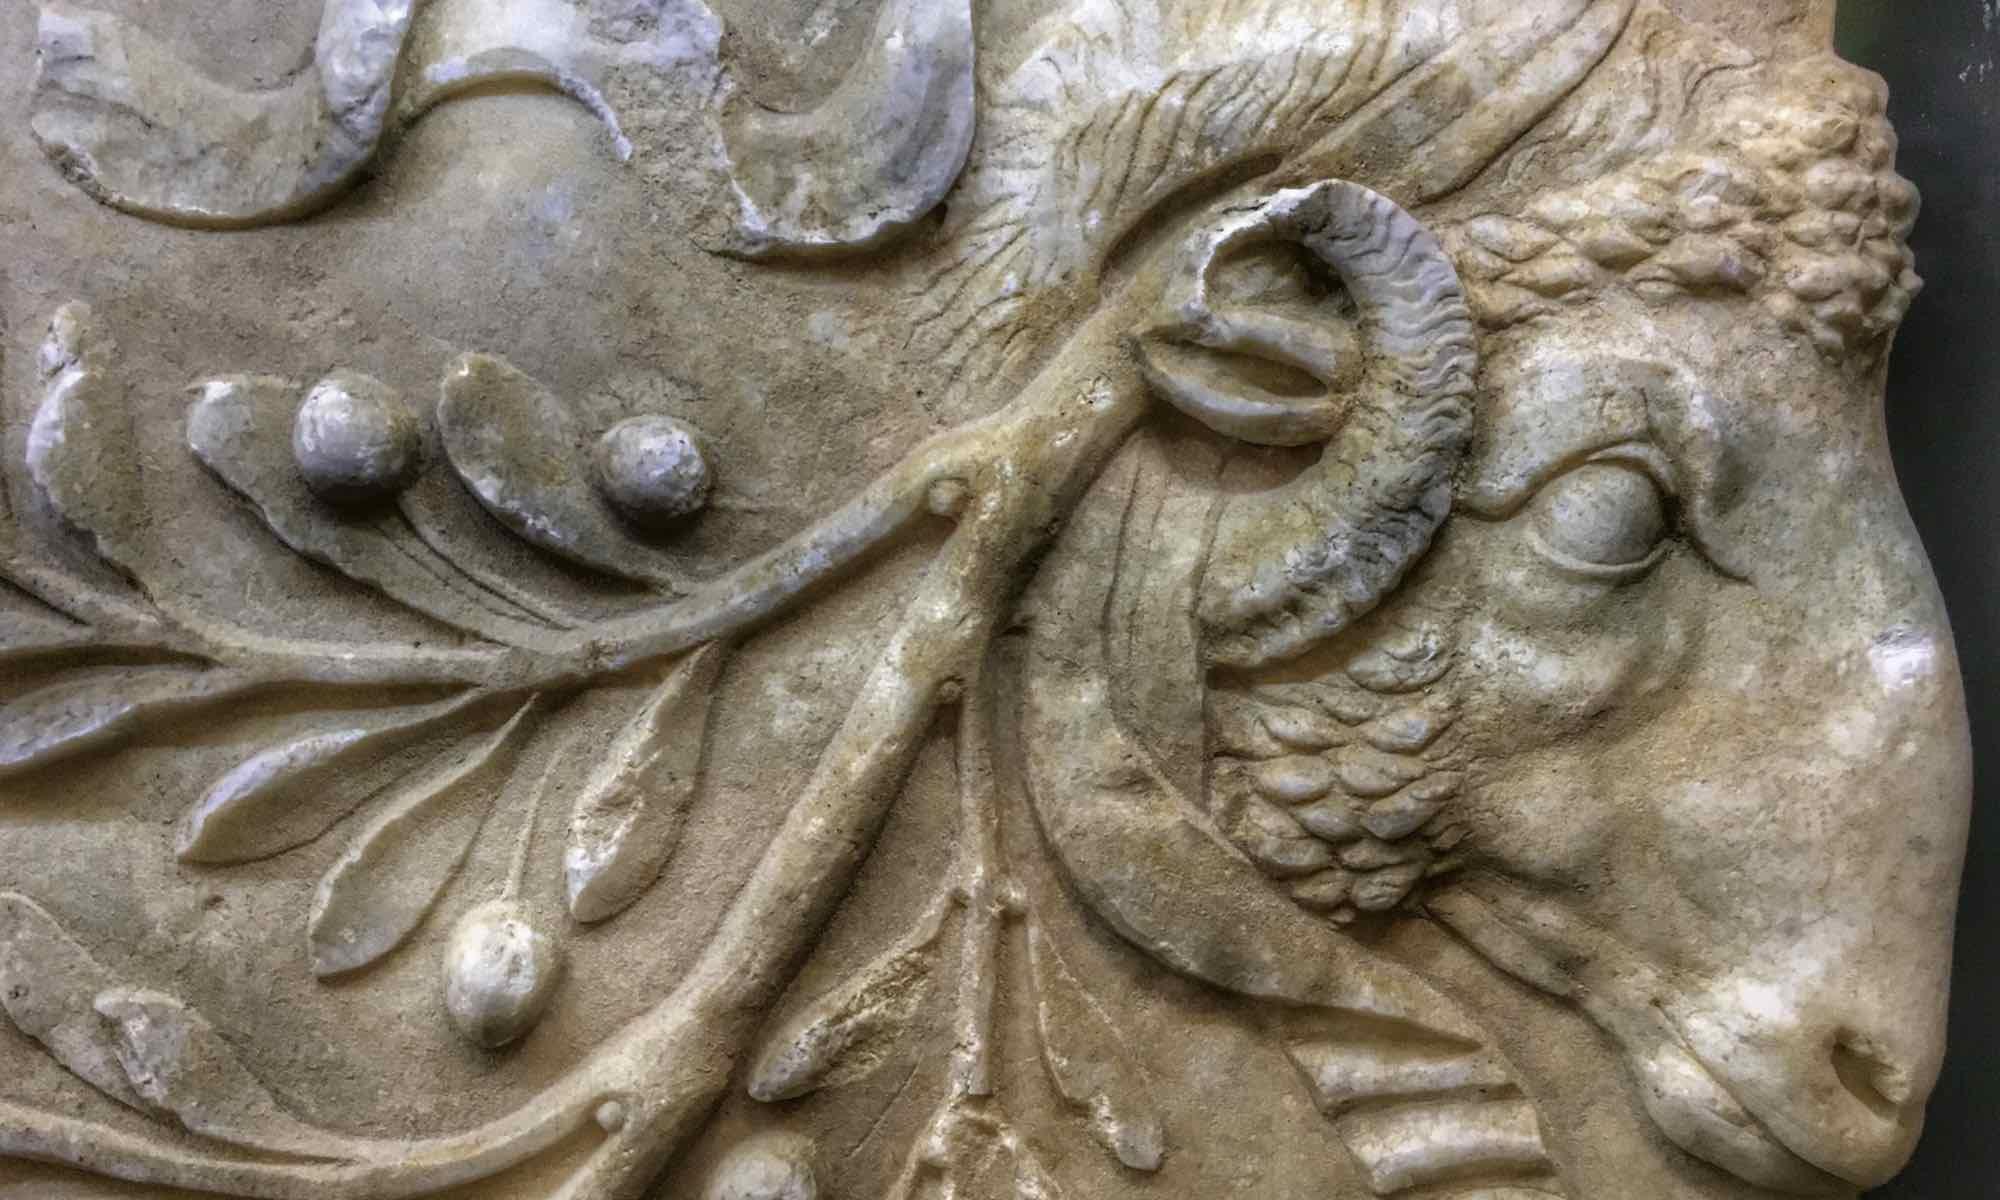 REPERTI E SIMBOLI: IL RILIEVO CON PROTOMI E ULIVI AL MUSEO DI AMELIA